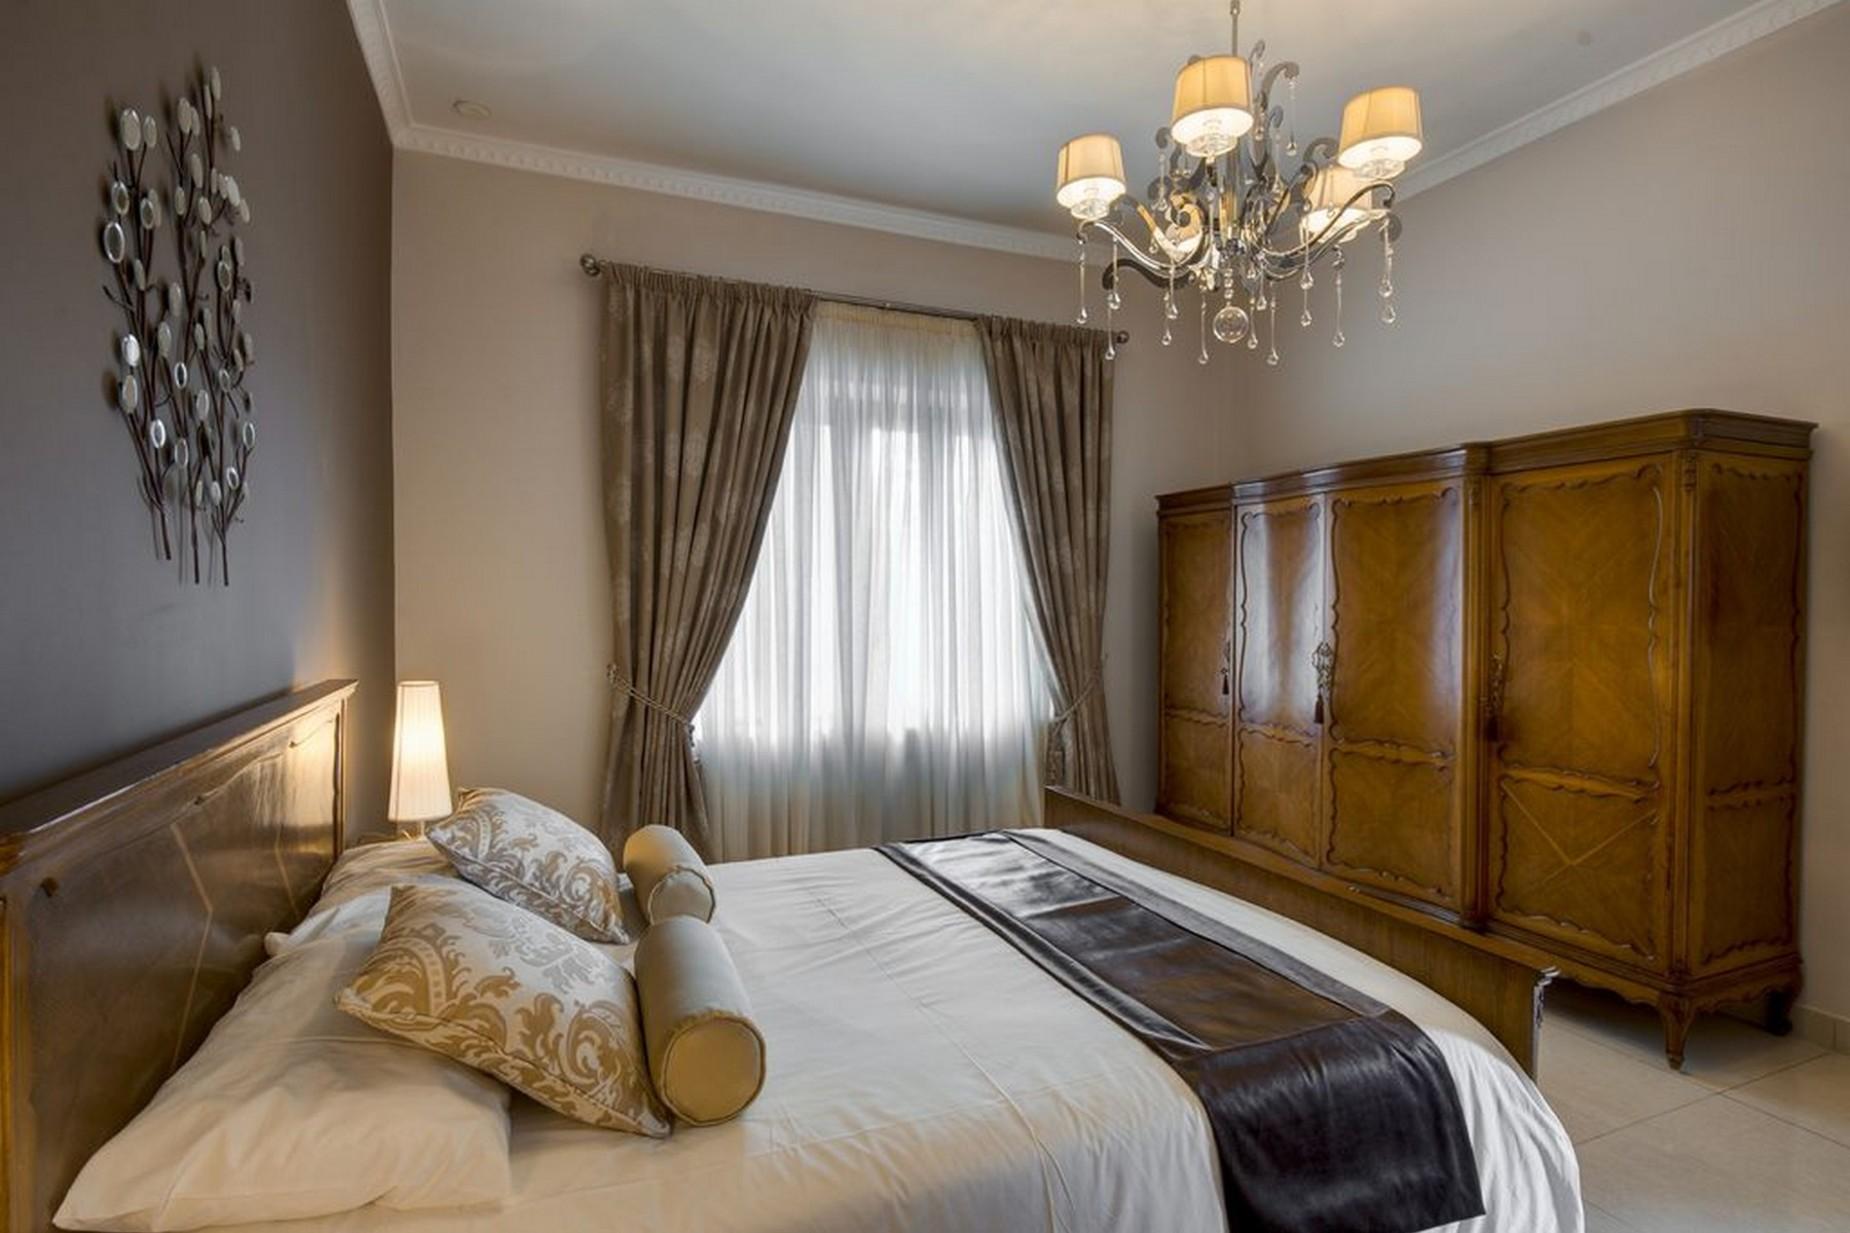 3 bed Villa For Rent in Zurrieq, Zurrieq - thumb 6